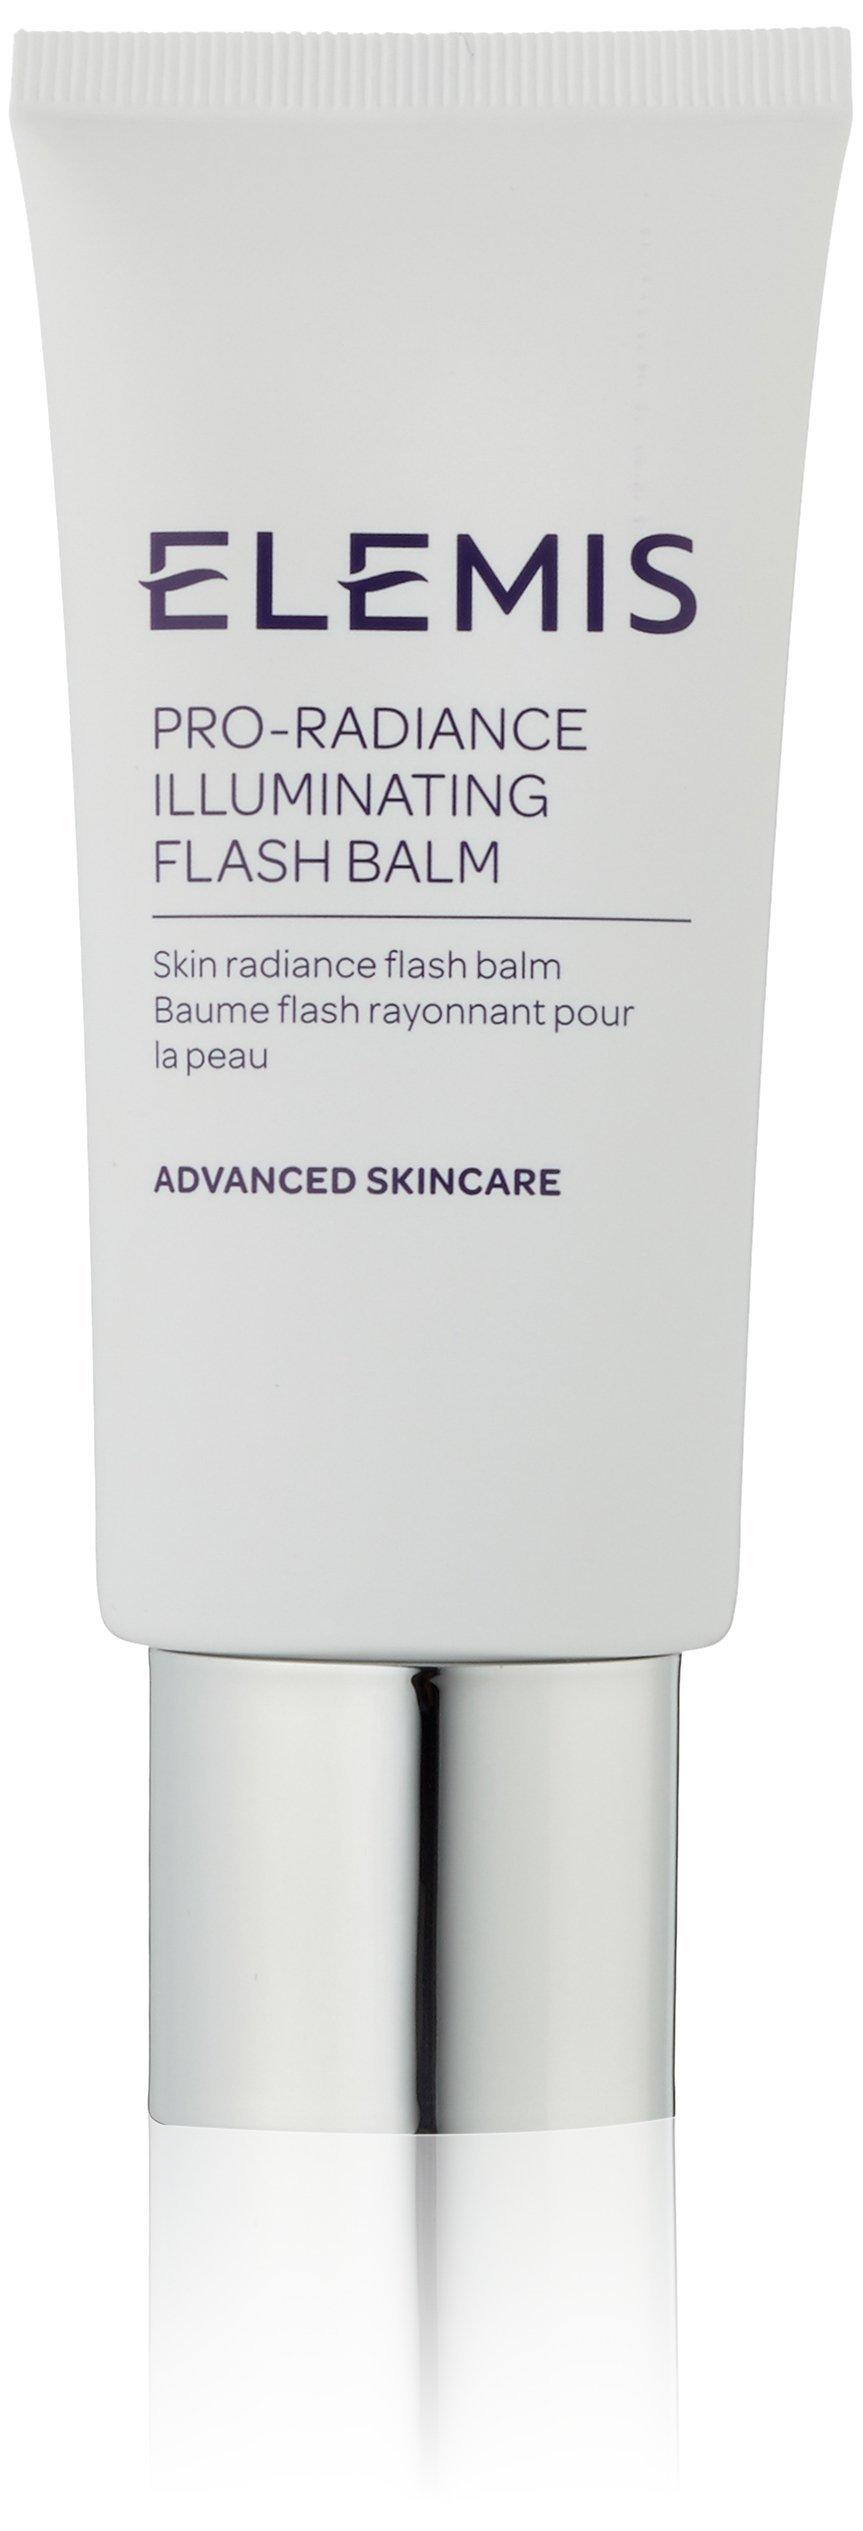 ELEMIS Pro-Radiance Illuminating Flash Balm - Skin Radiance Flash Balm by ELEMIS (Image #1)